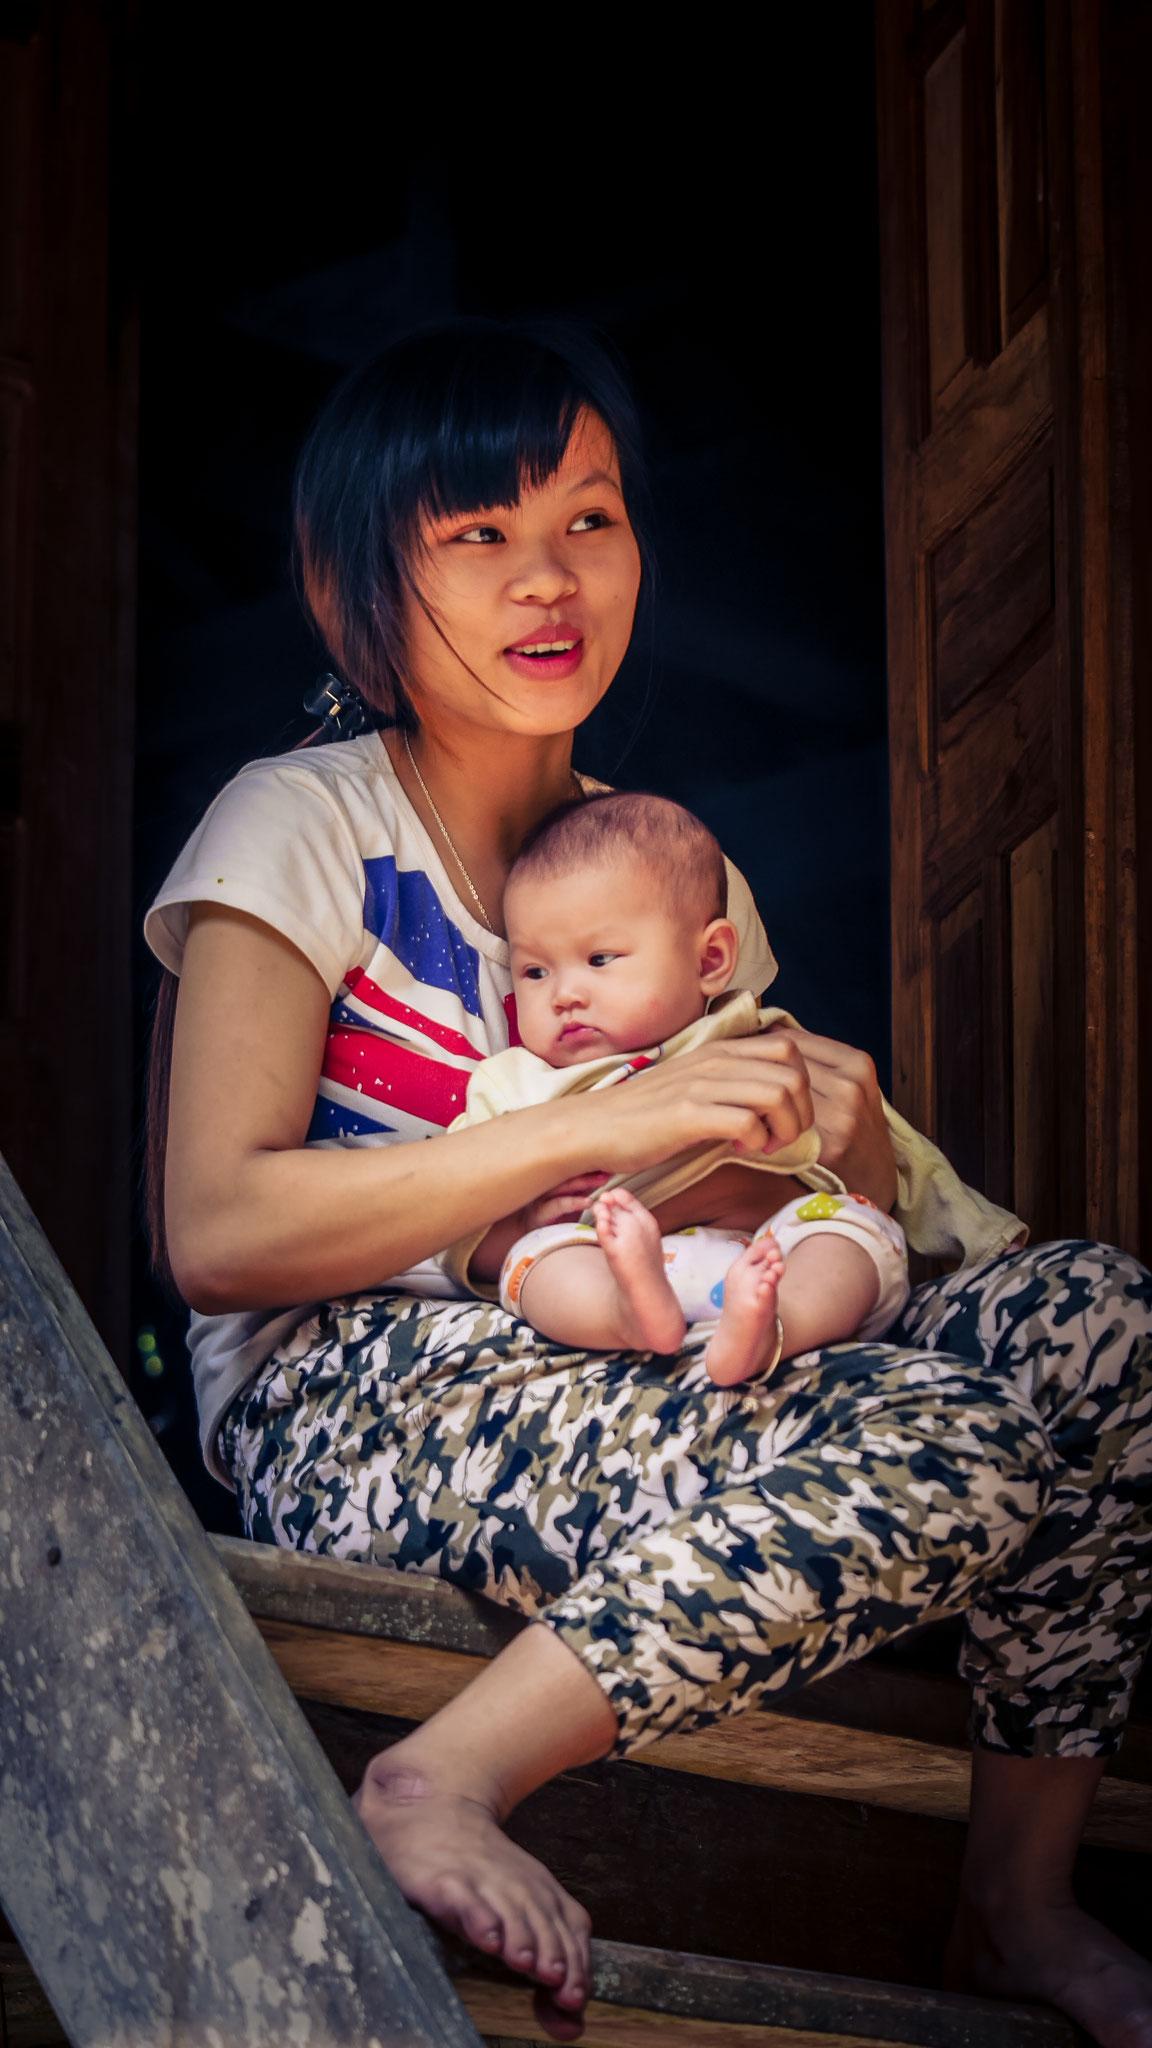 Unterwegs in Mai Chau - junge Mutti (22 Jahre) mit ihrem Kind